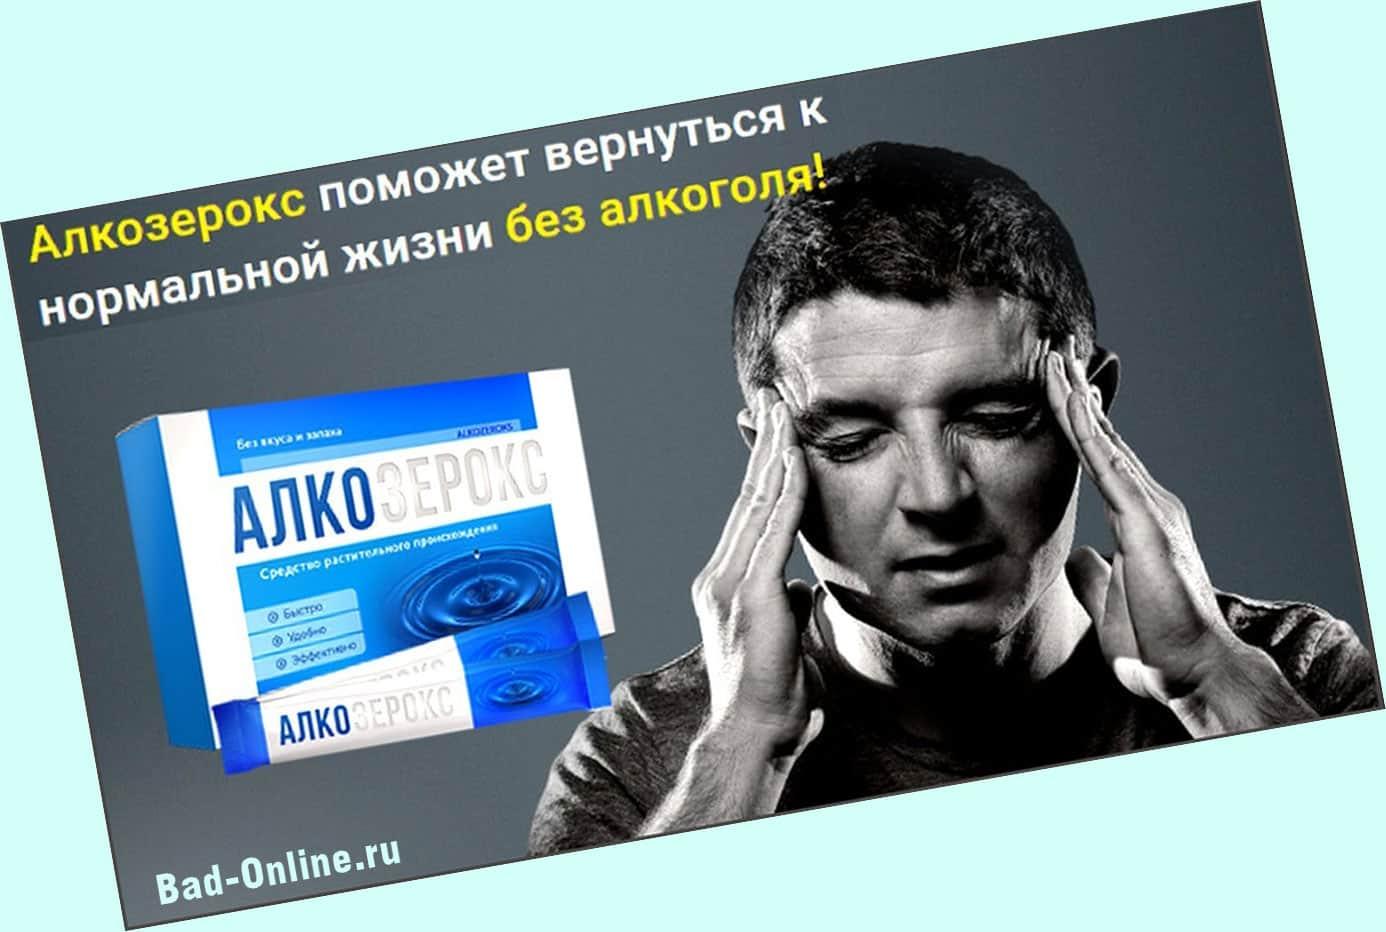 Оригинал препарата Алкозерокс, купленный на сайте Bad-Online.ru